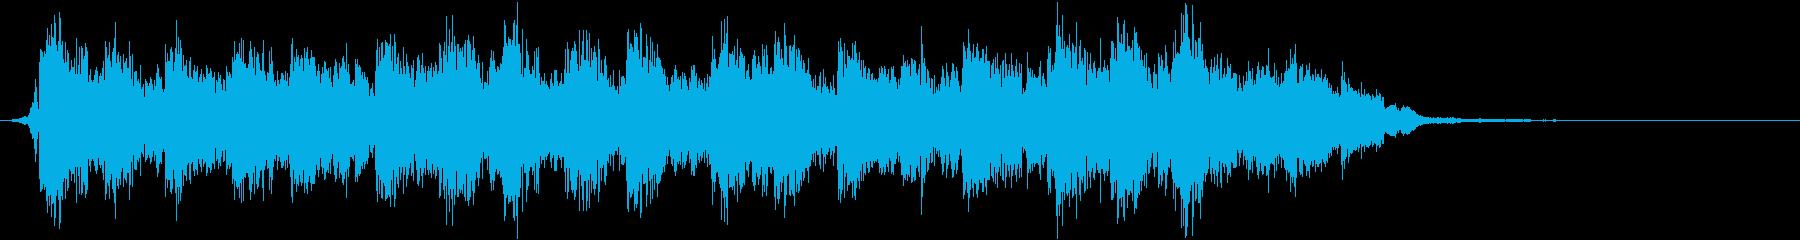 ニュース番組オープニングジングル10秒の再生済みの波形